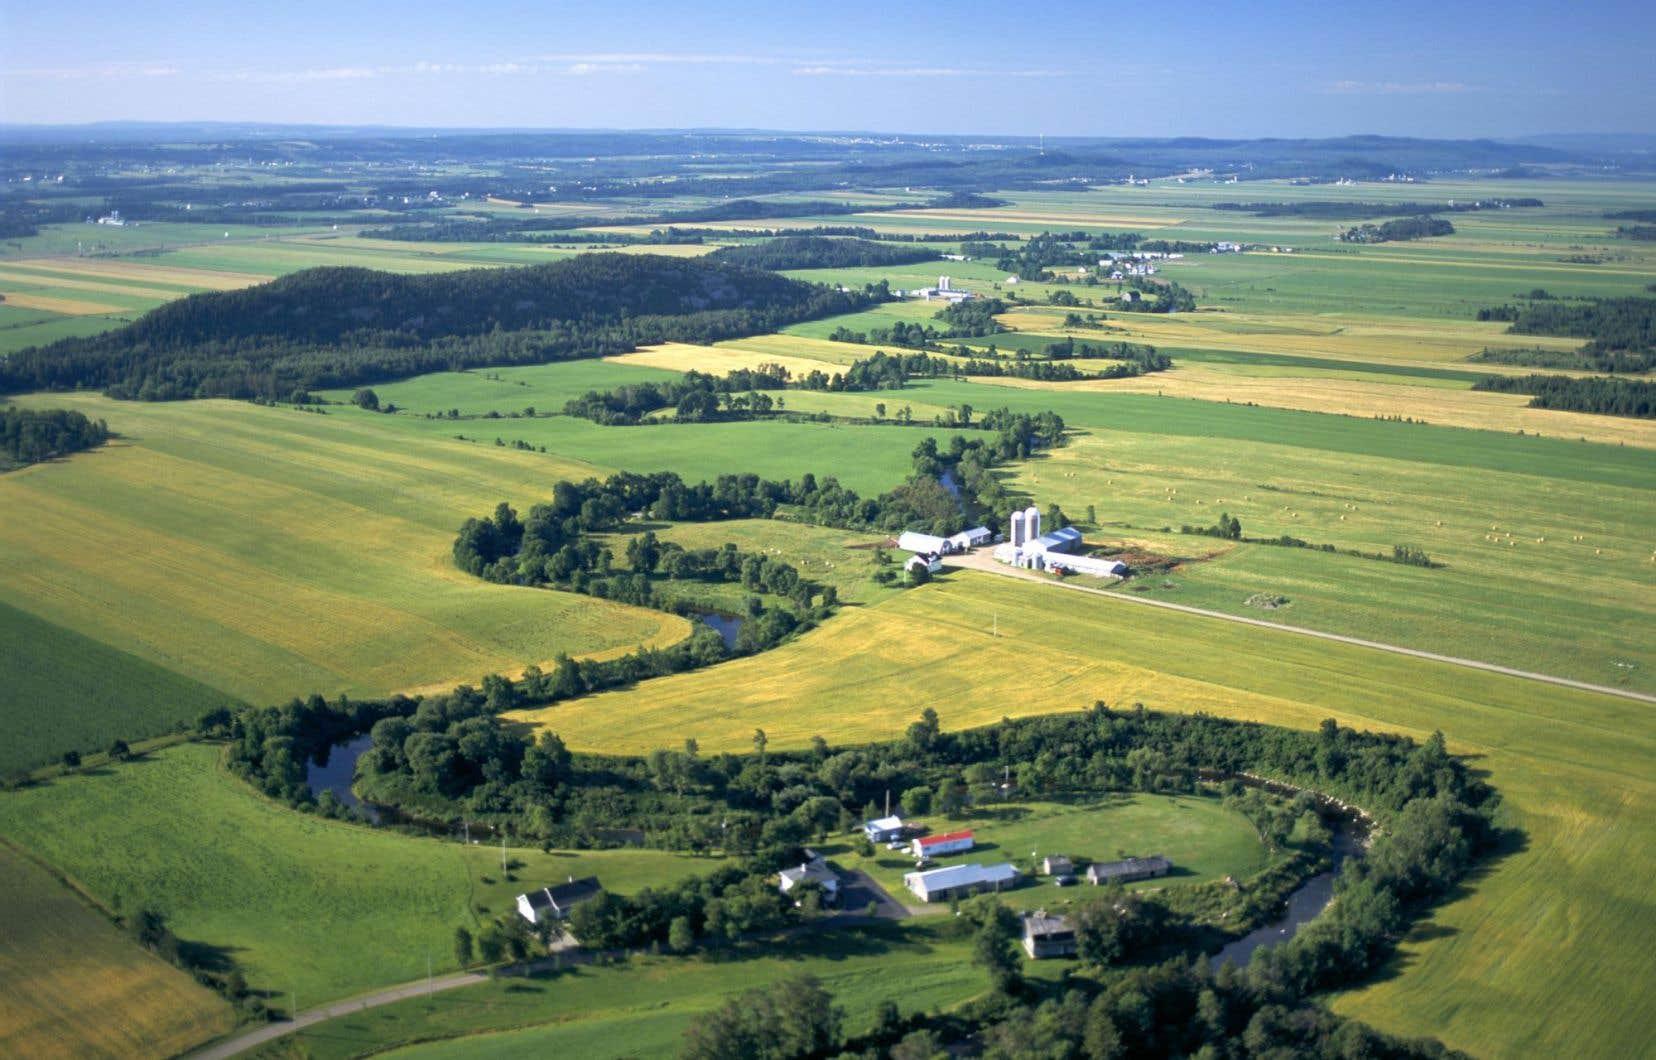 Le démantèlement des structures de développement local et régional constitue un recul historique dans la marche du Québec vers la décentralisation et l'autonomie des territoires.